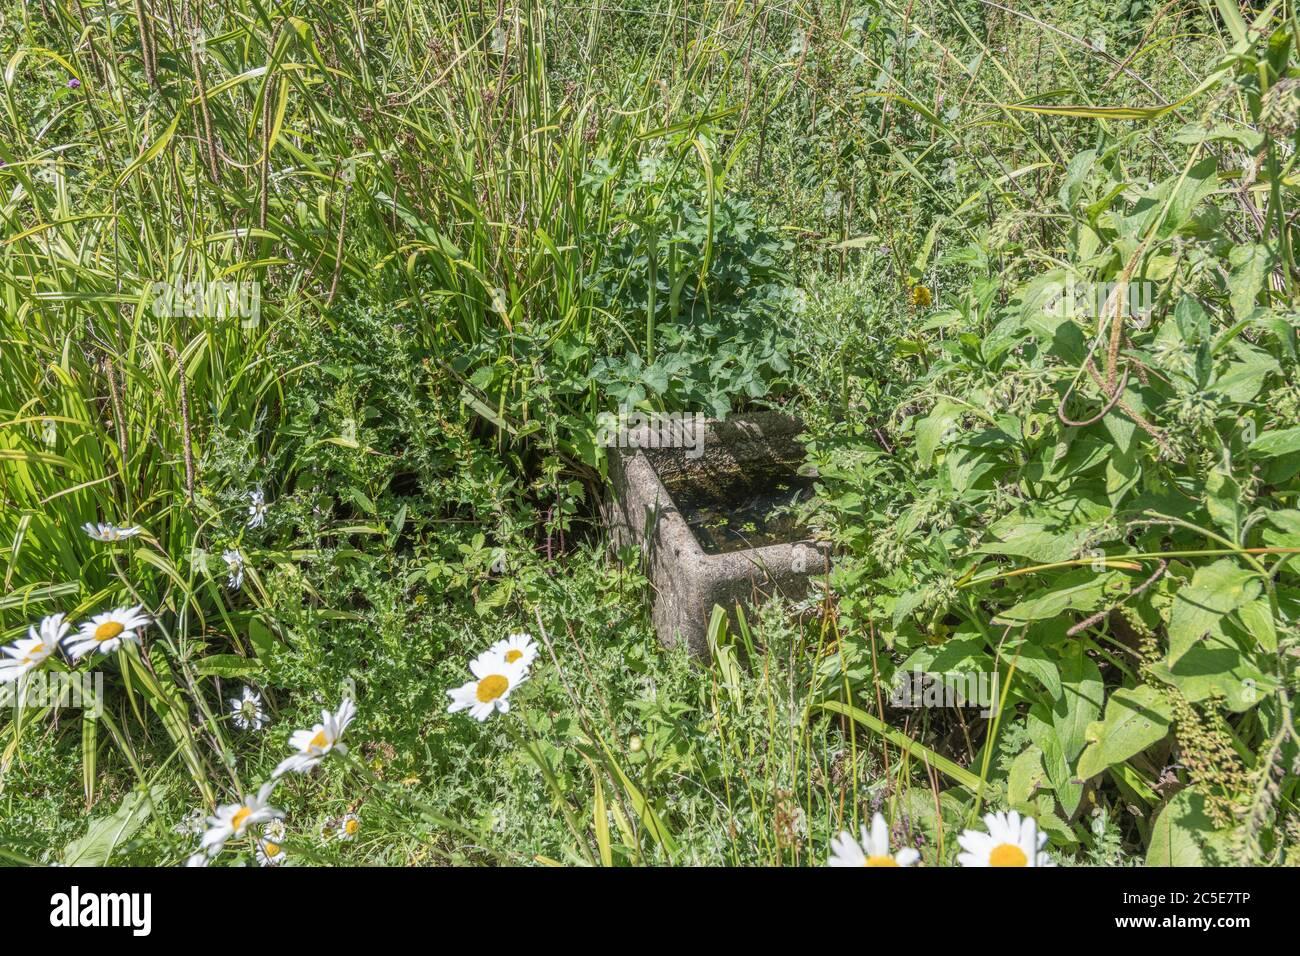 El agua de la granja vieja canaleta abandonada y sobre crecido por las malas hierbas en un corne de tierra de la granja de la basura. Metáfora maleza, fuera de control, negligencia, abrumado. Foto de stock